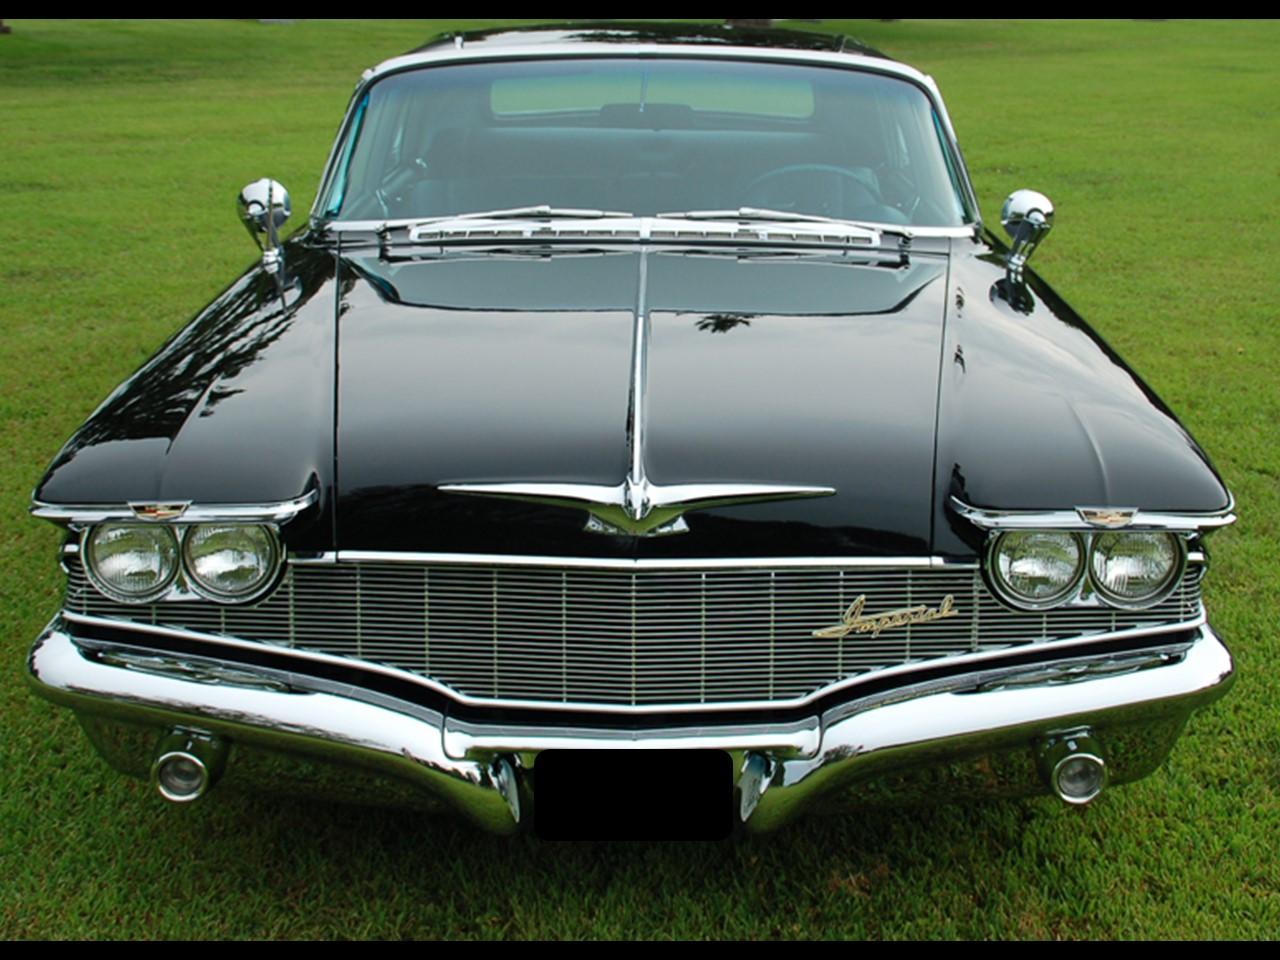 1960 Imperial LeBaron | NotoriousLuxury on 1985 chrysler lebaron, plymouth fury, dodge polara, chrysler gran fury, 1960 chrysler lebaron, chrysler lebaron convertible red, amc gremlin, chrysler new yorker, chrysler cordoba, 1975 chrysler lebaron, chrysler newport, chrysler pt cruiser car, chrysler k car limousine, plymouth valiant, chrysler lebaron 4 door, dodge monaco, 90 chrysler lebaron, 1931 chrysler lebaron, chrysler lebaron gts, dodge charger, lincoln continental, chrysler lebaron coupe, 1978 chrysler lebaron, chrysler town & country, chrysler 300 sedan, 1979 chrysler lebaron, 1987 chrysler lebaron, 1980 chrysler lebaron,